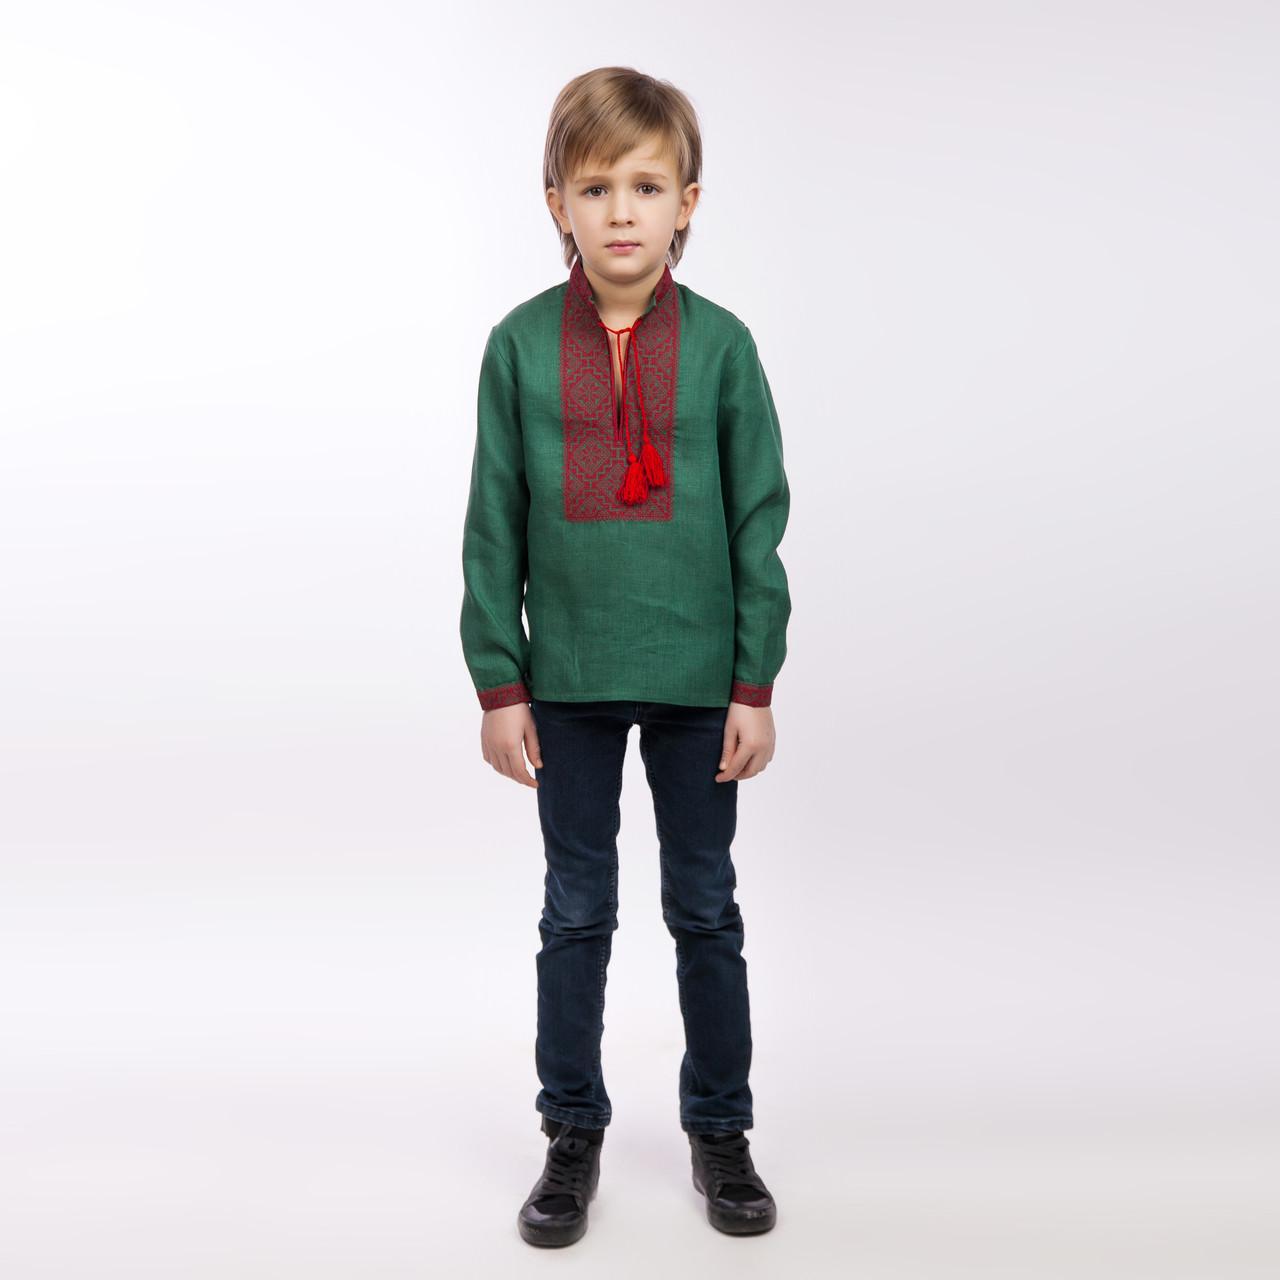 Вышиванка для мальчика, изумруд - фото 1